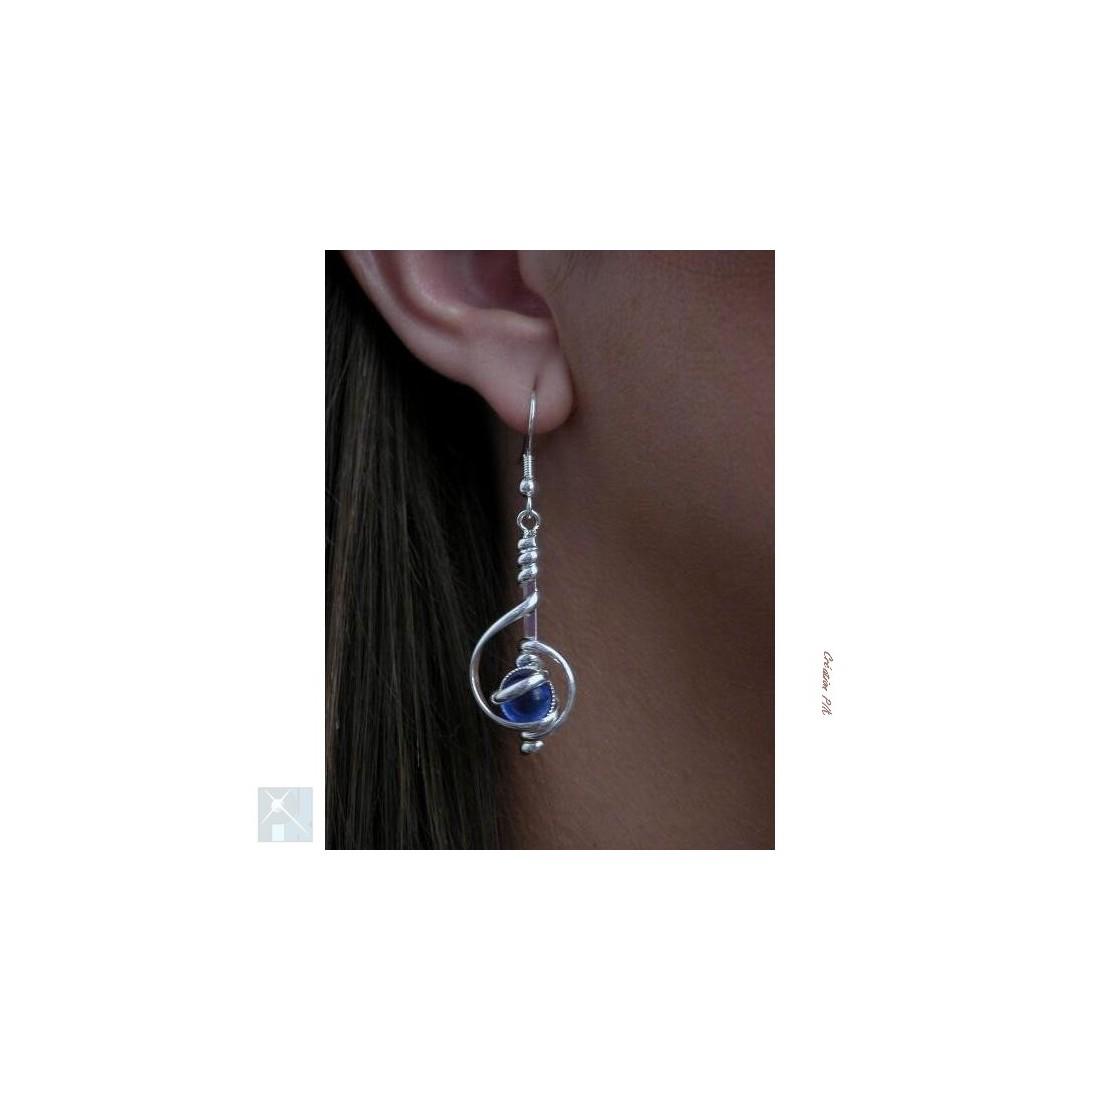 Boucles d'oreilles artisanaux, bleues.